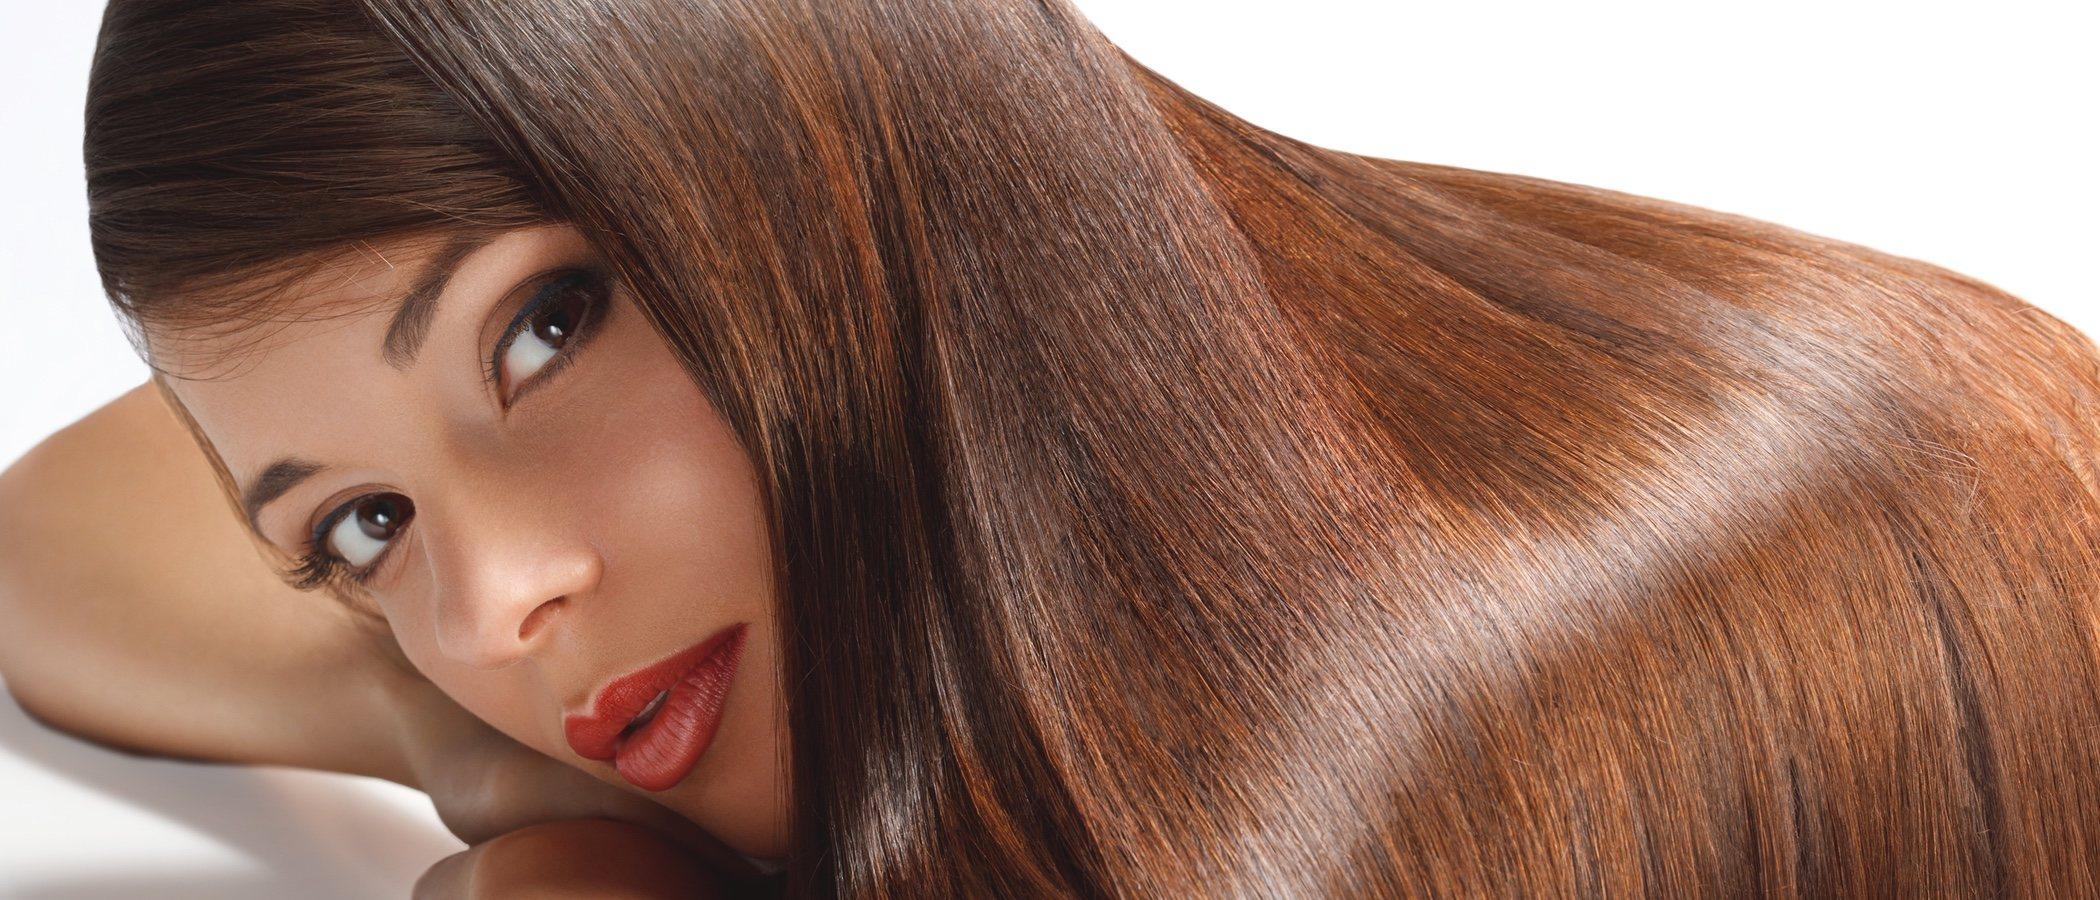 Tratamiento de queratina: la solución al pelo encrespado y sin vida